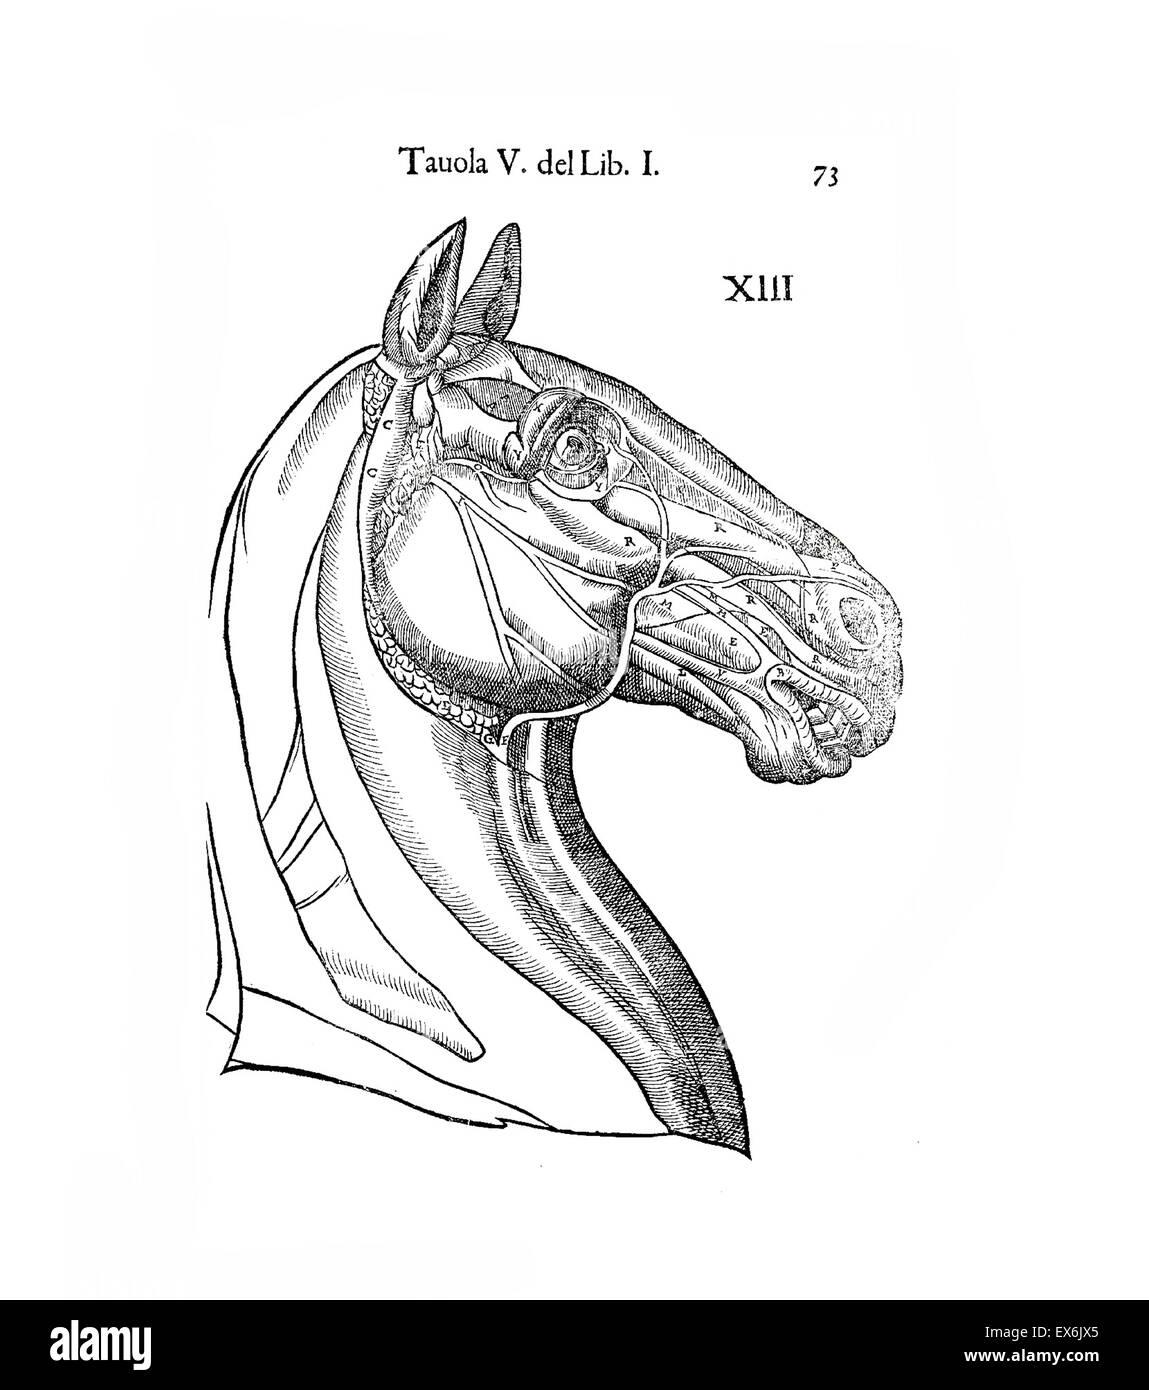 Equine Anatomy Stock Photos Equine Anatomy Stock Images Alamy